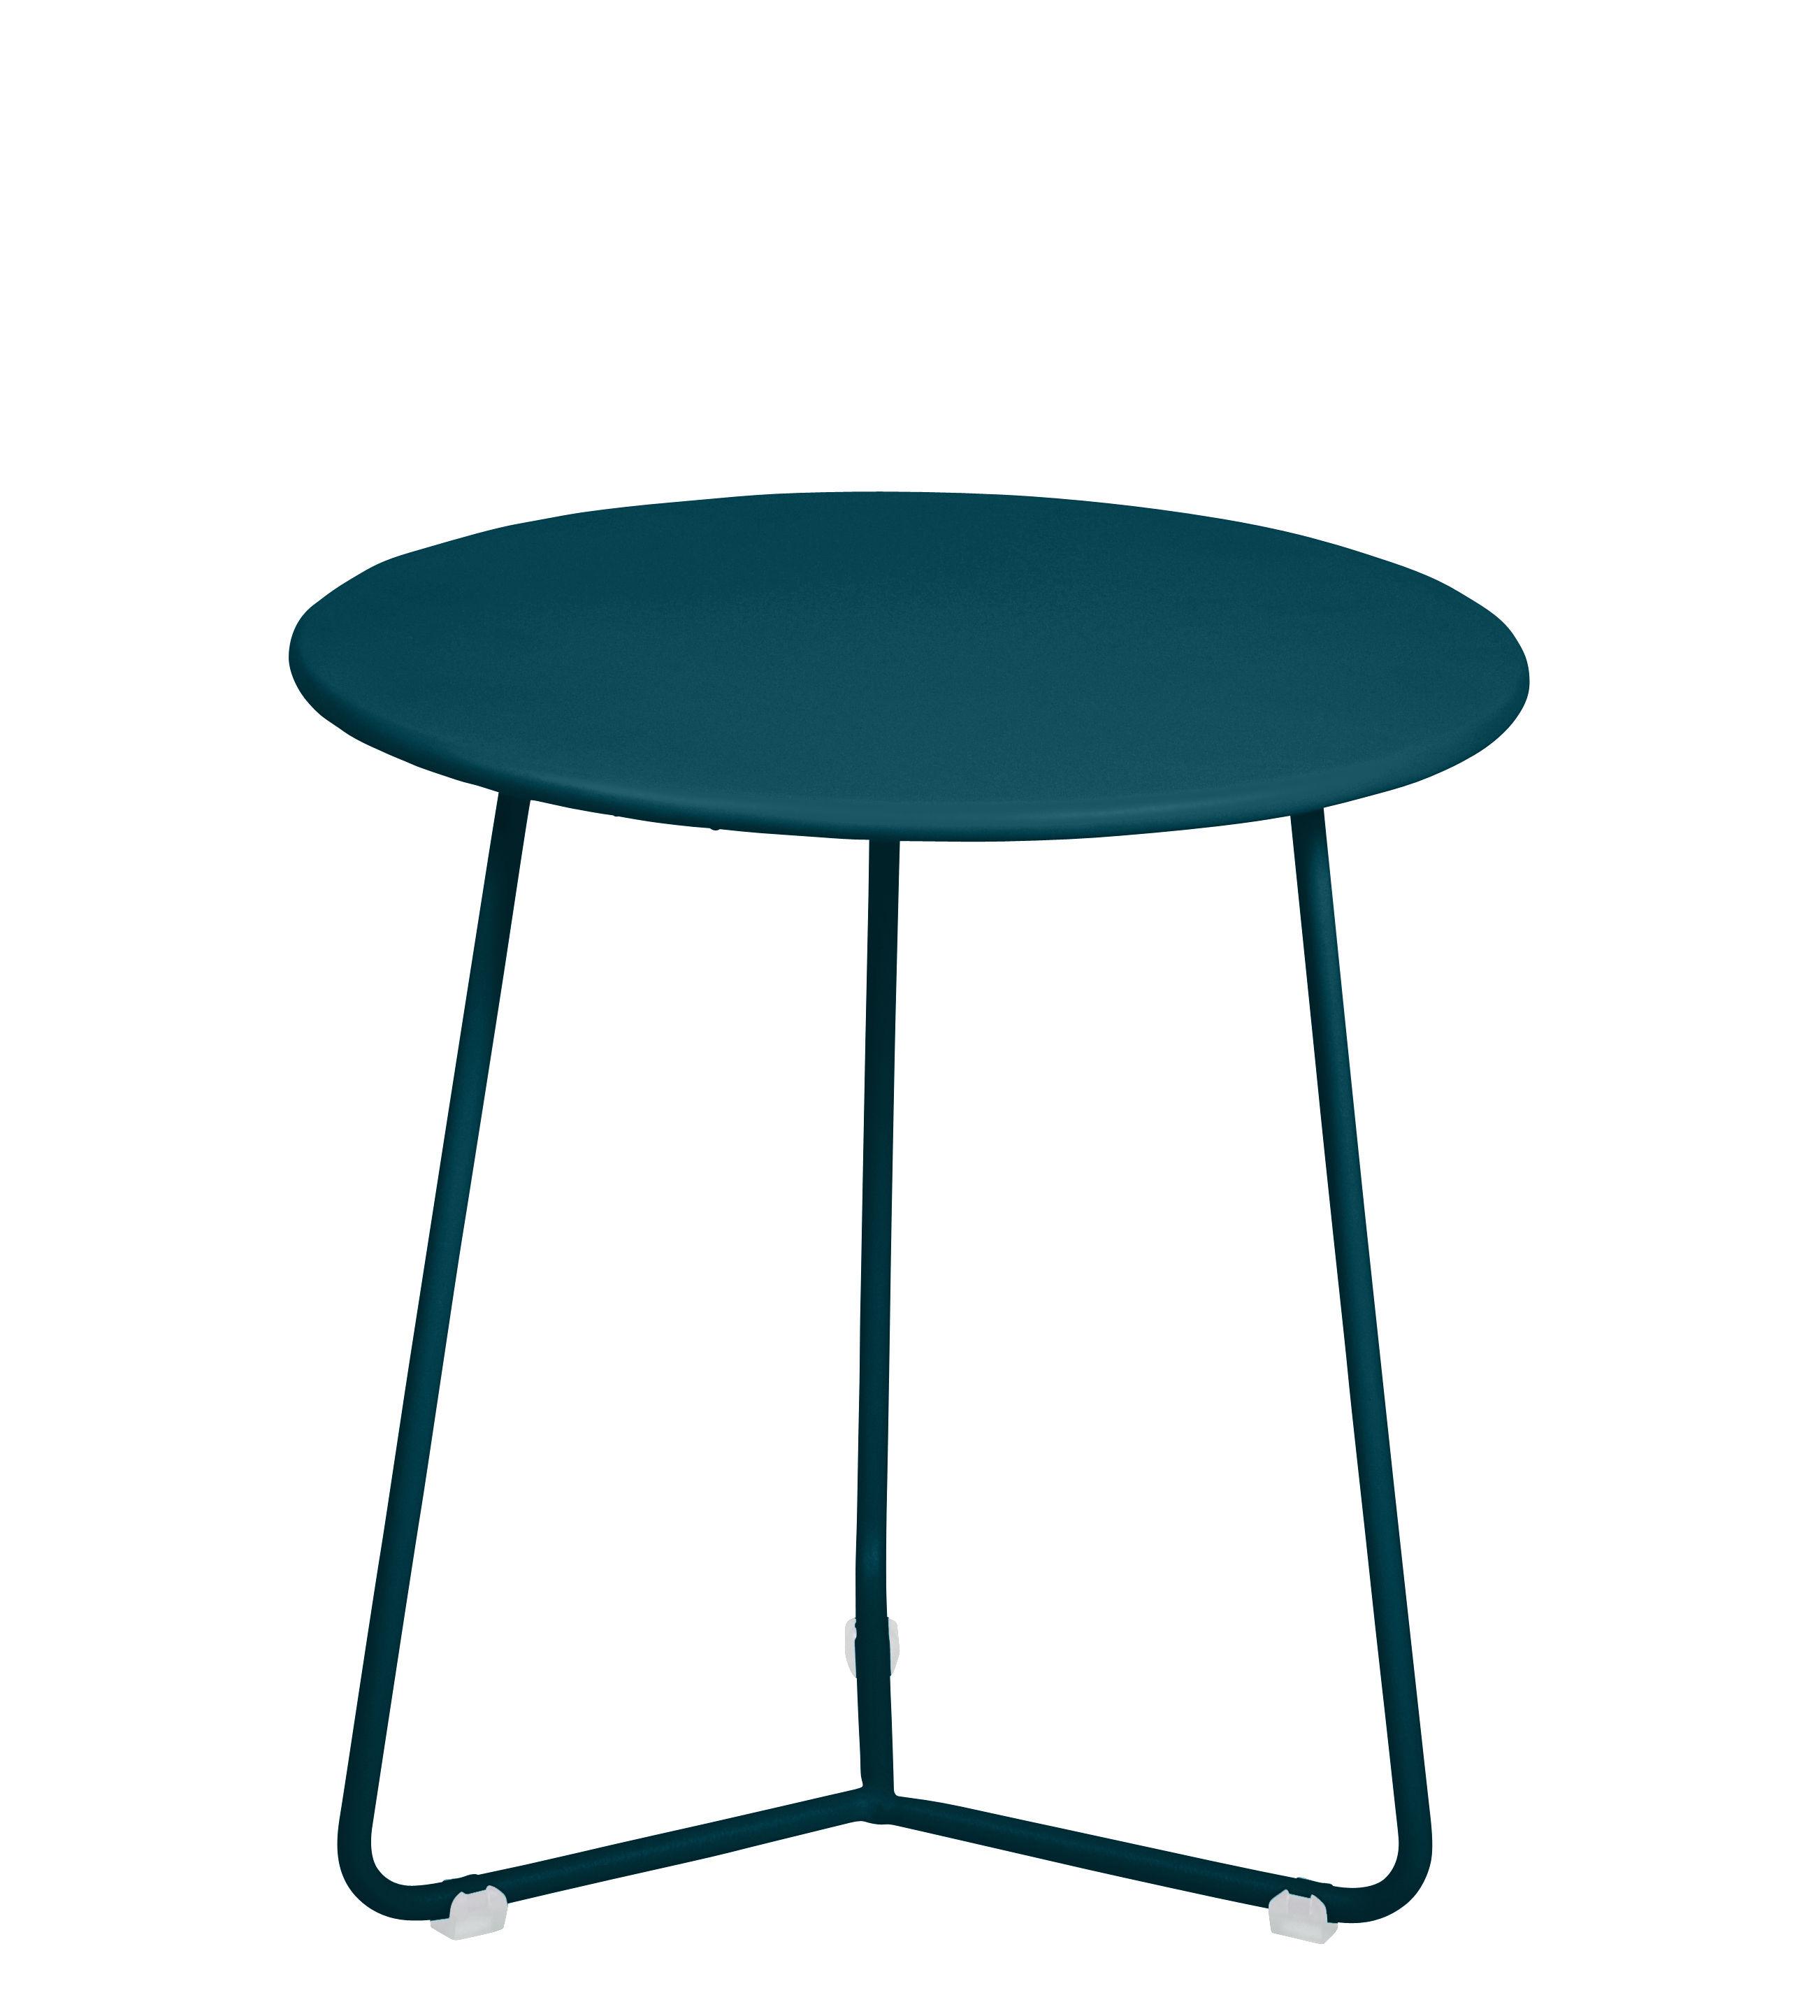 Arredamento - Tavolini  - Tavolino d'appoggio Cocotte - / Sgabello - Ø 34 x H 36 cm di Fermob - Blu Acapulco - Acciaio verniciato